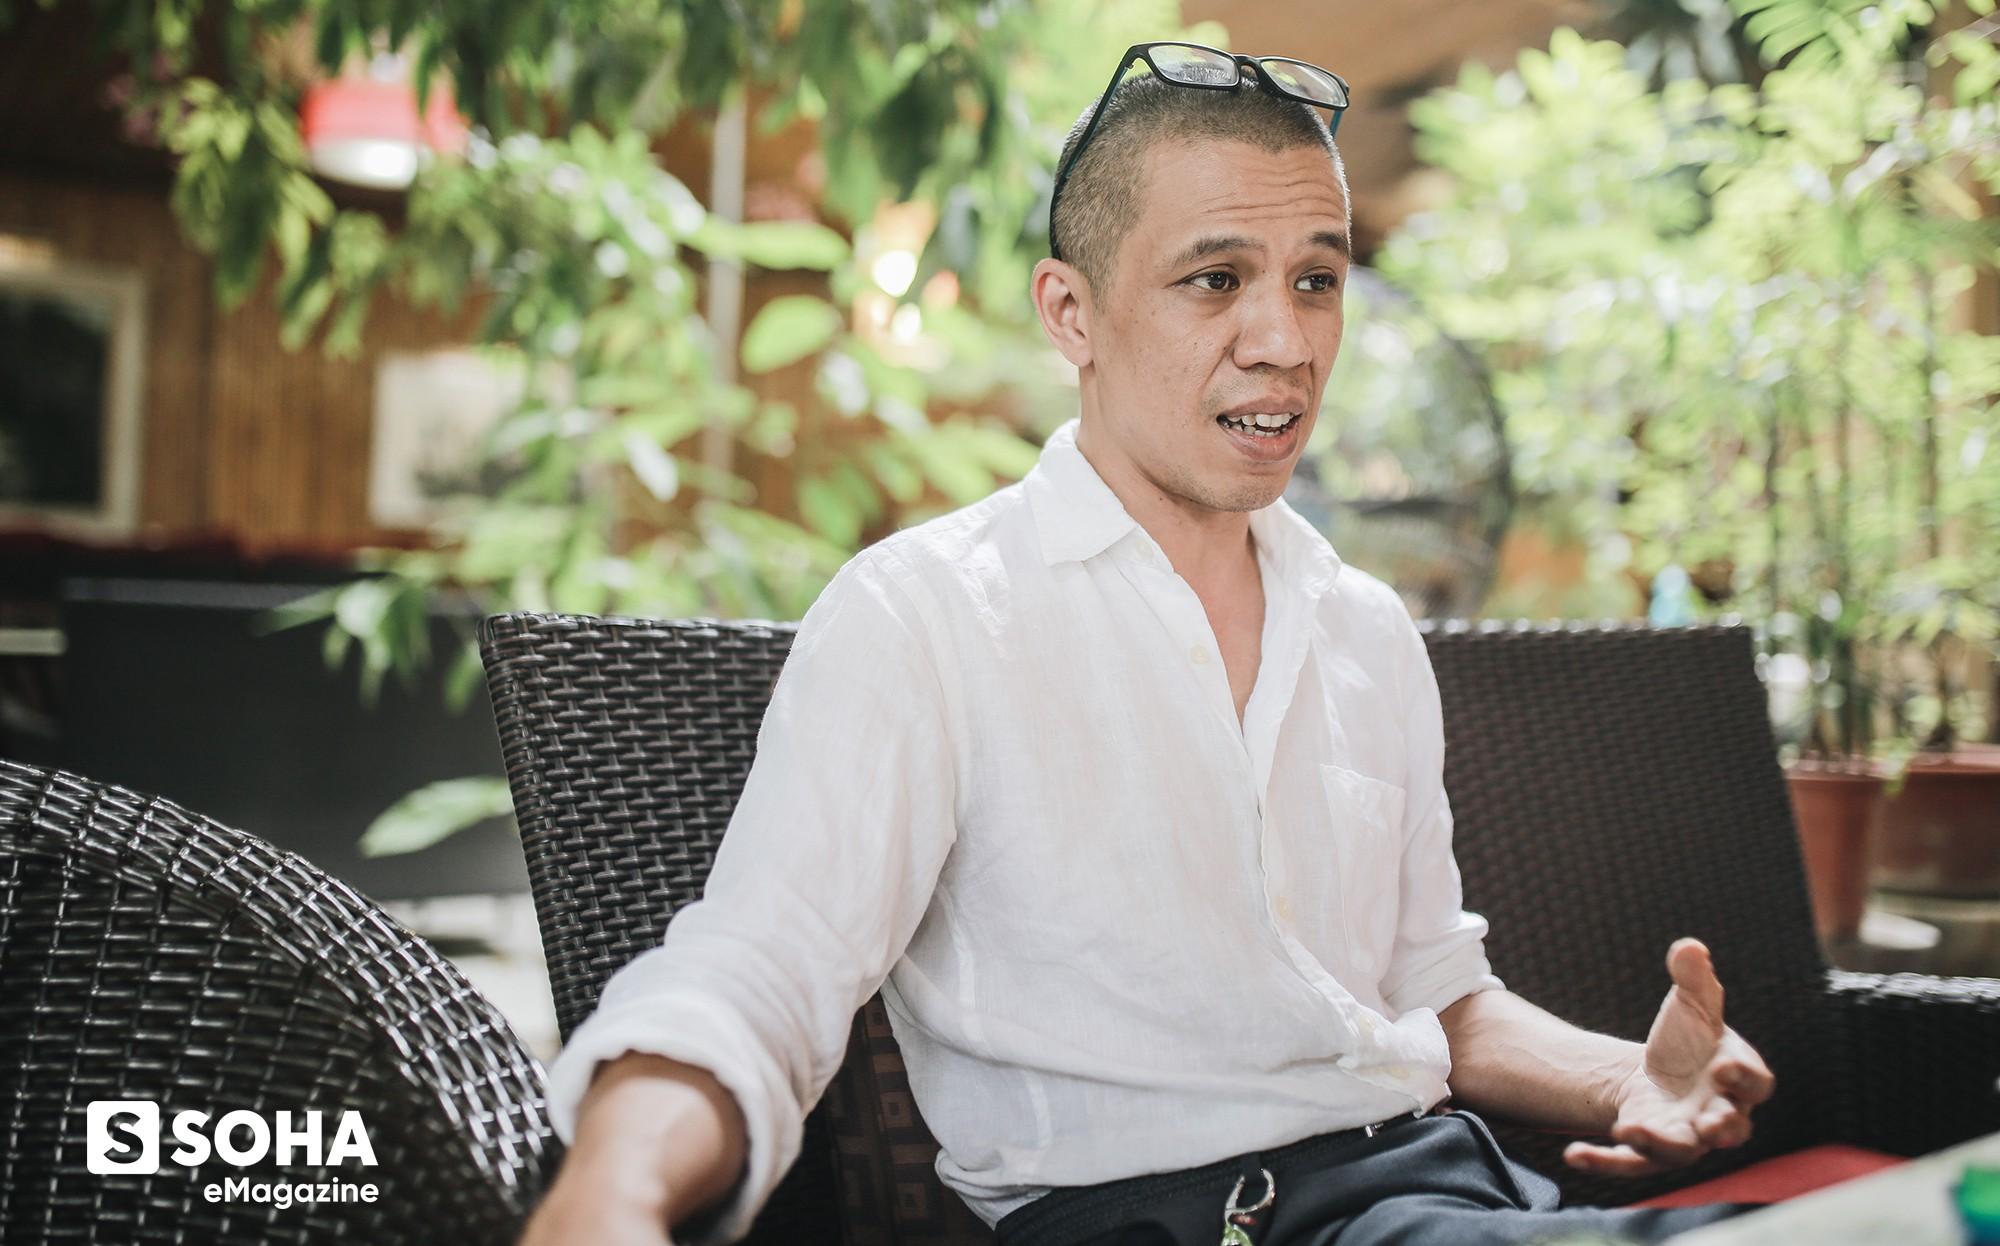 Con trai GS Hồ Ngọc Đại: Tôi đã cười không khép được mồm khi ba tôi bị vu là tình báo Trung Quốc - Ảnh 9.